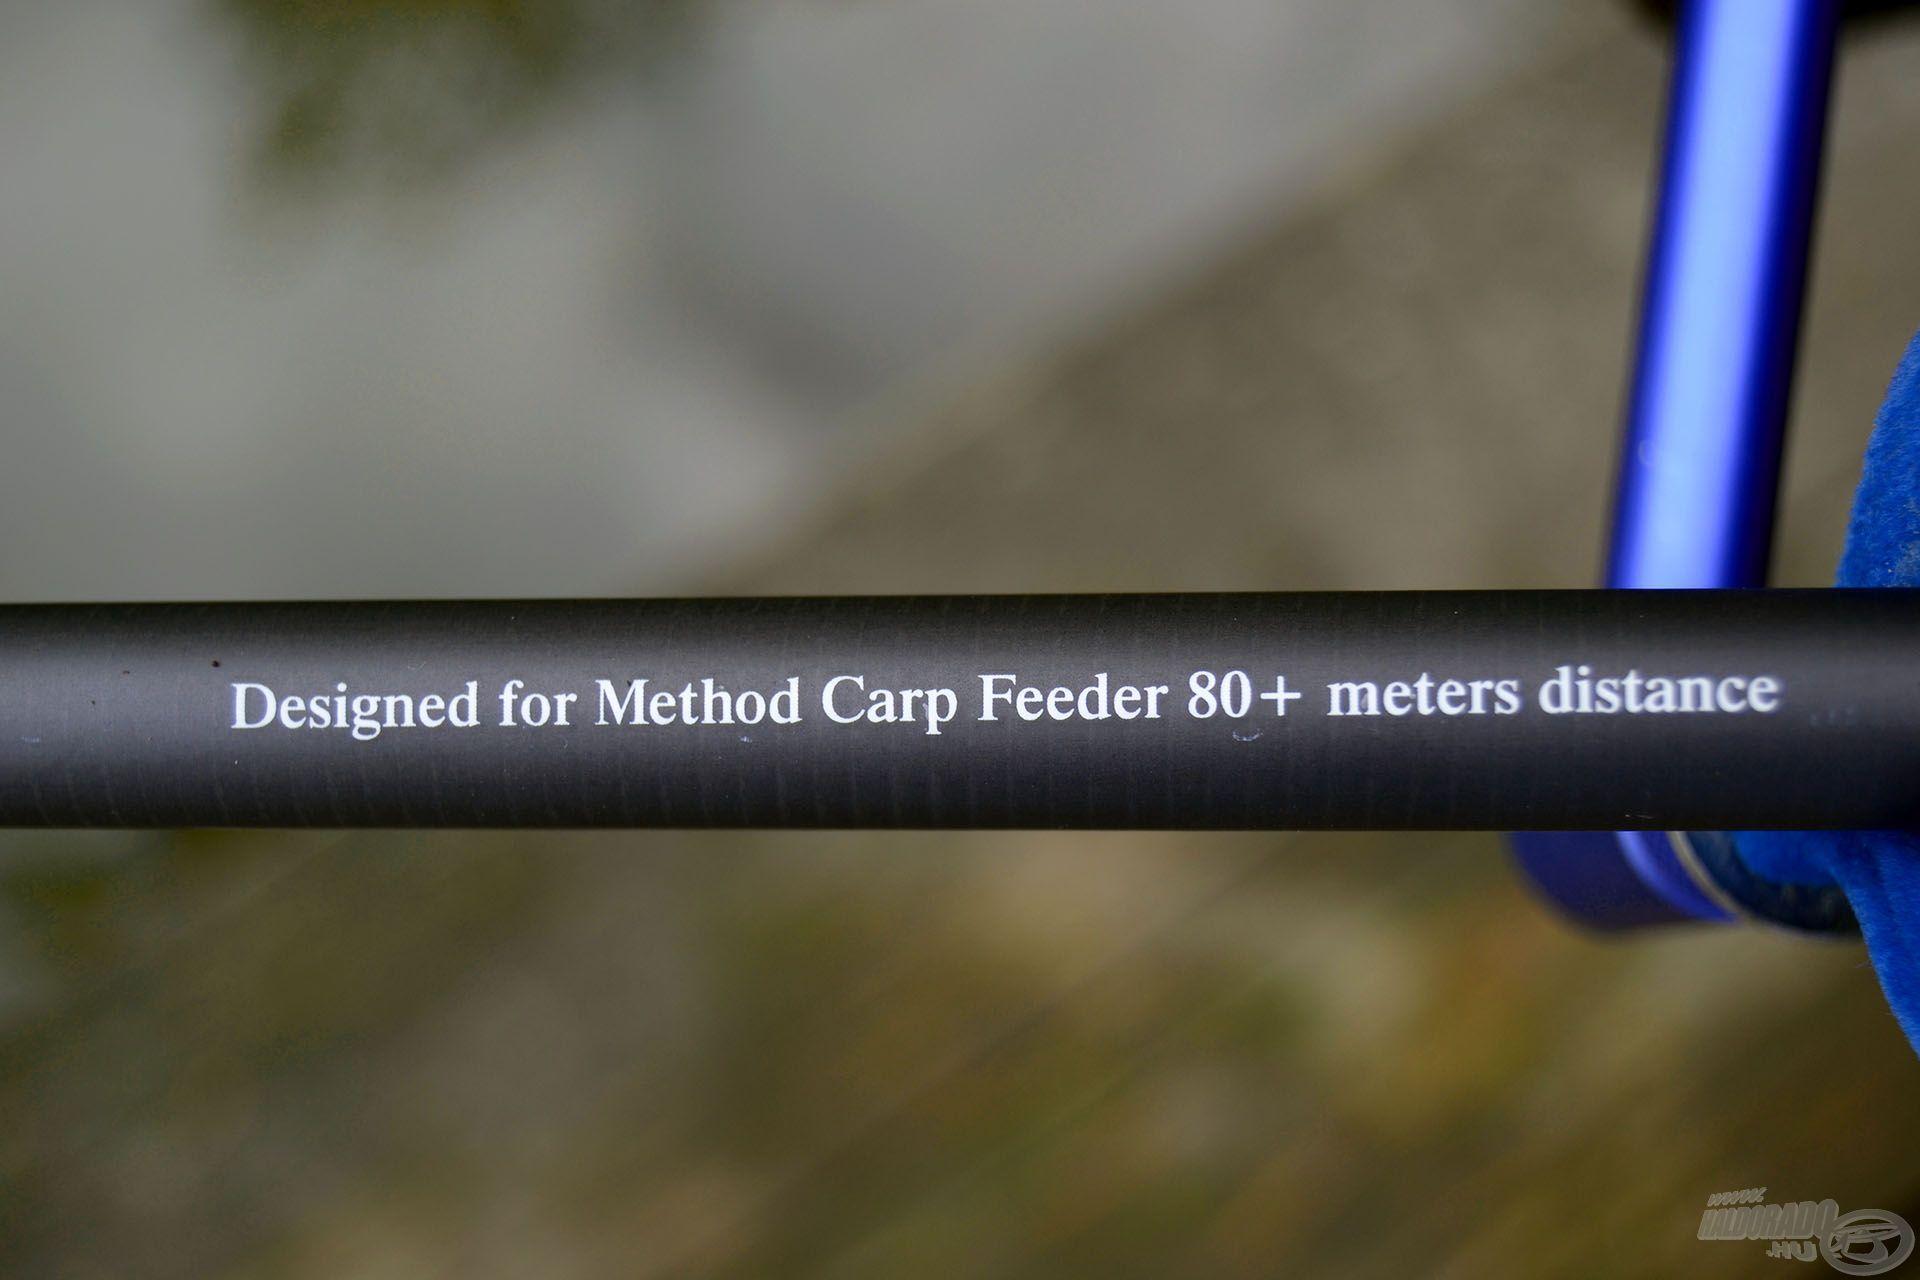 A 390-es Royal Method Carp bottal akár a 80 méteres…